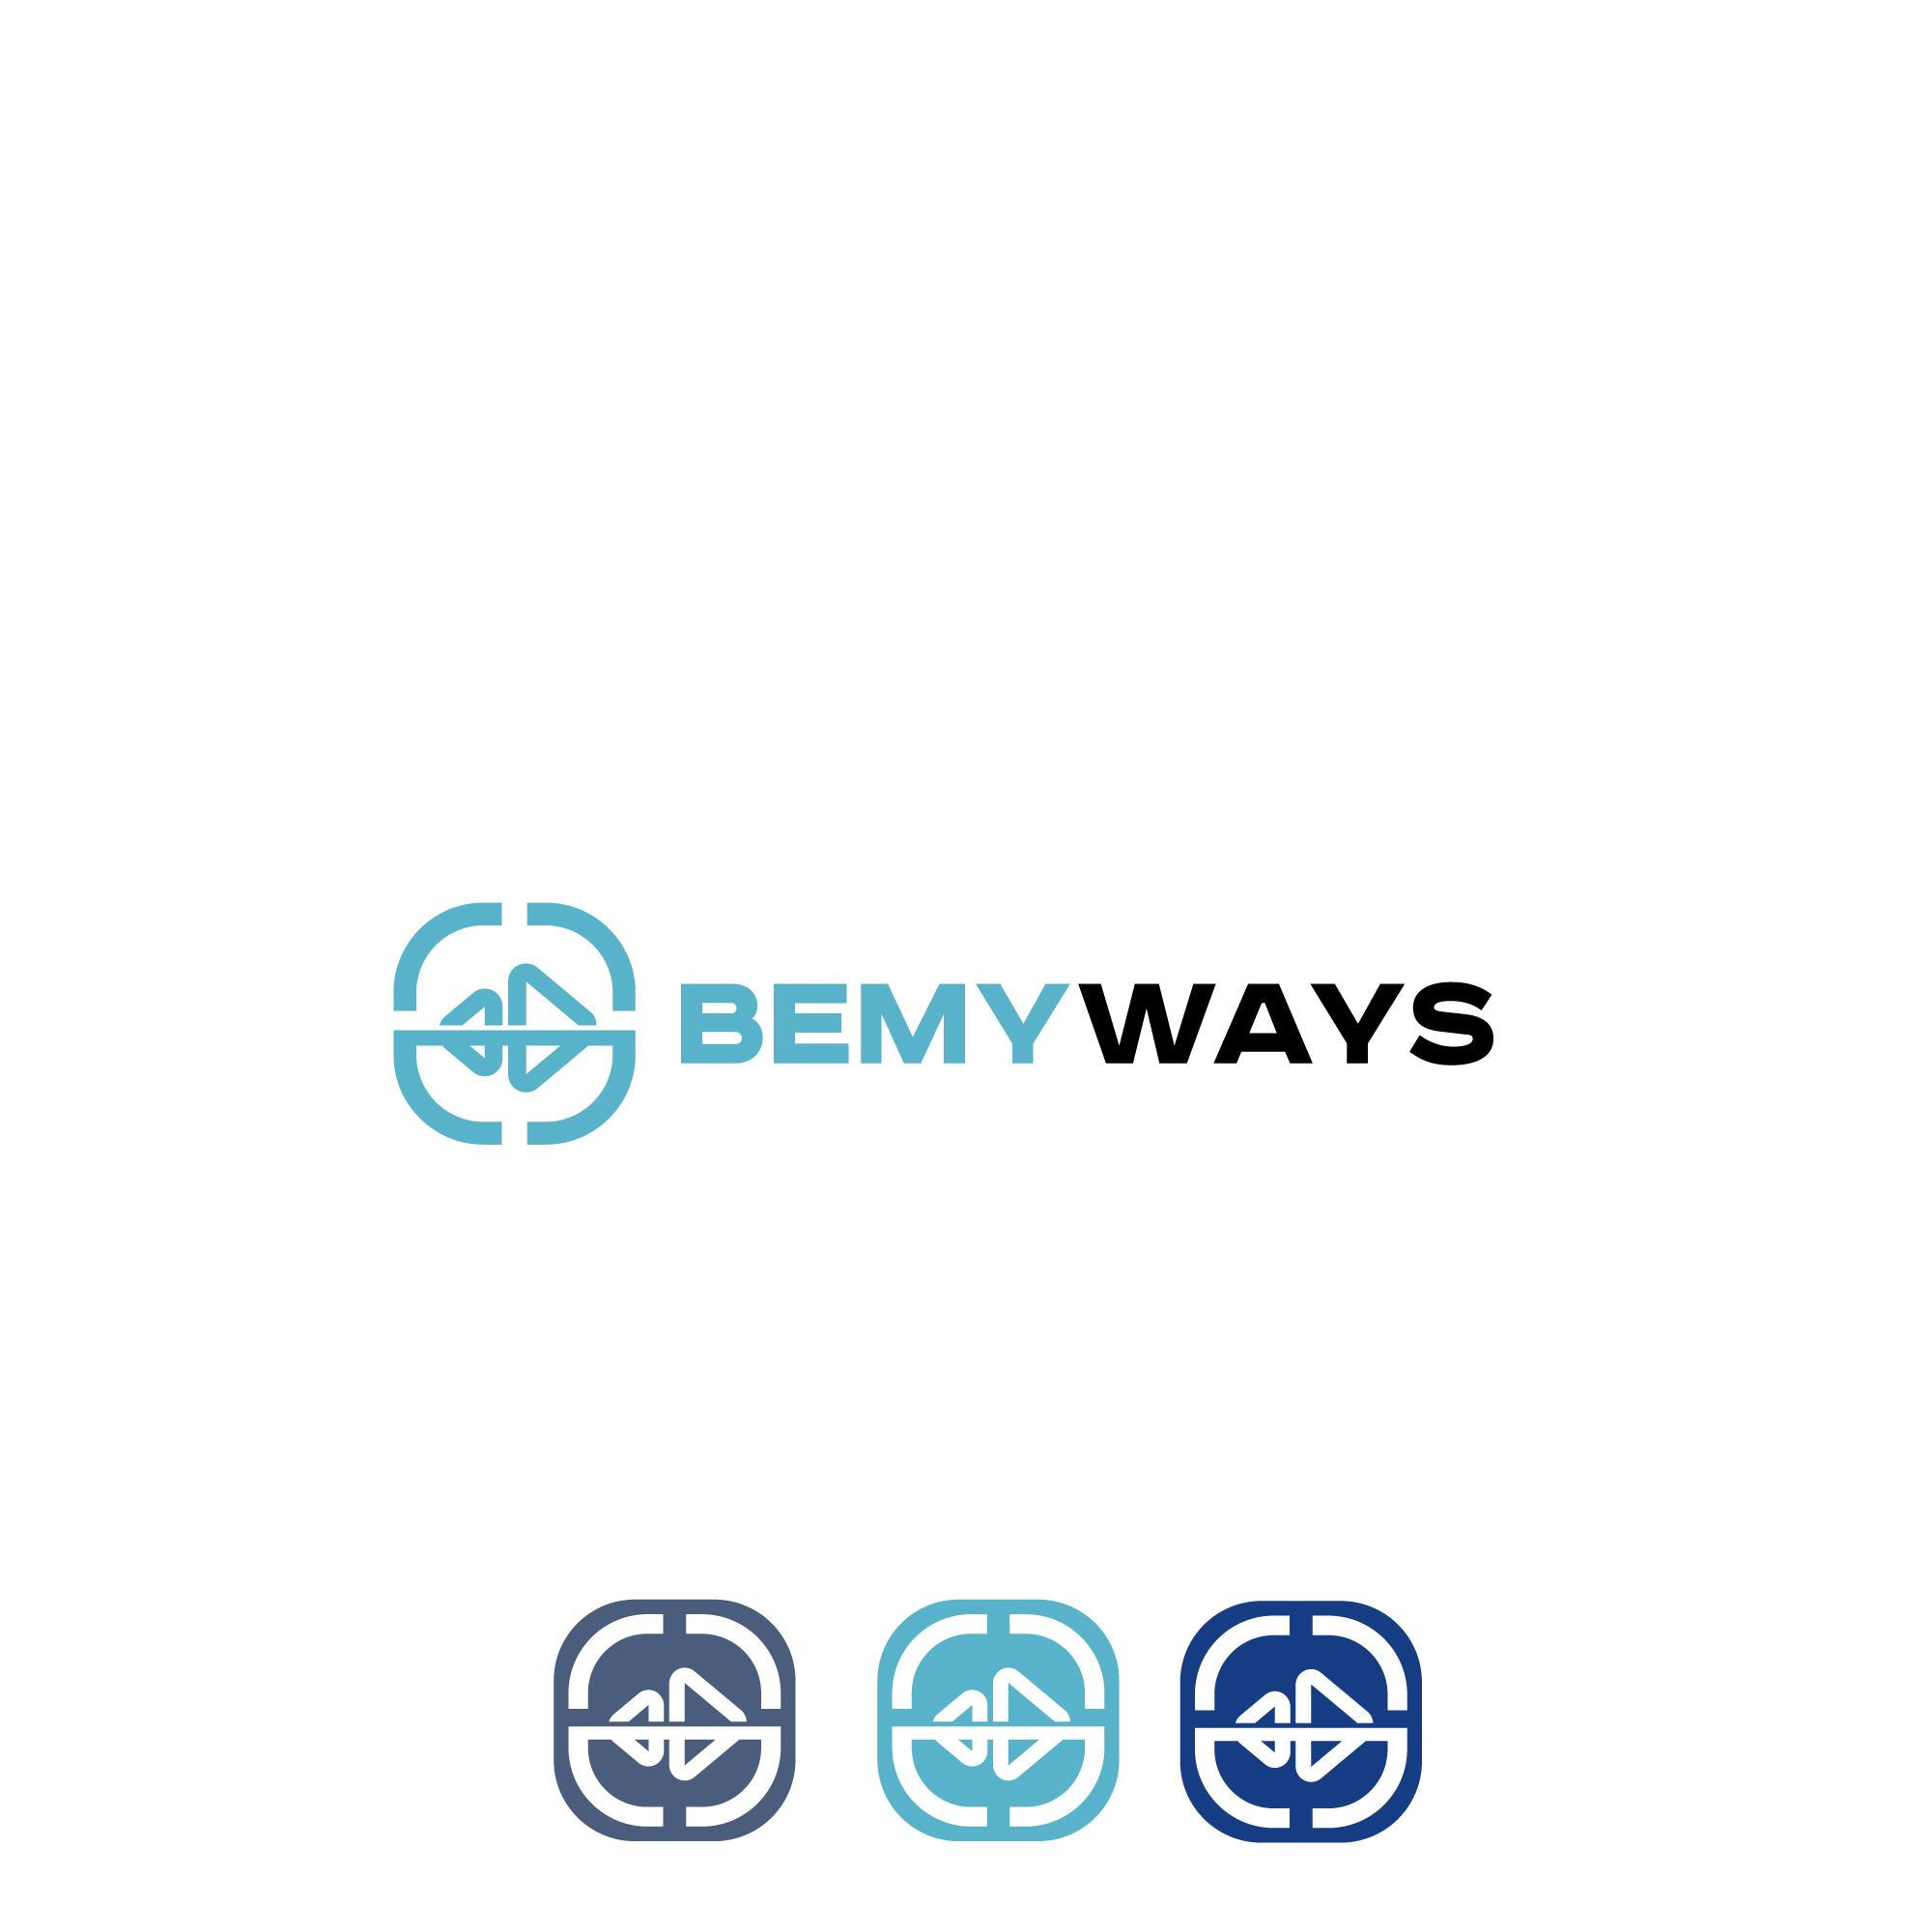 Разработка логотипа и иконки для Travel Video Platform фото f_0215c37618e1a8b8.jpg